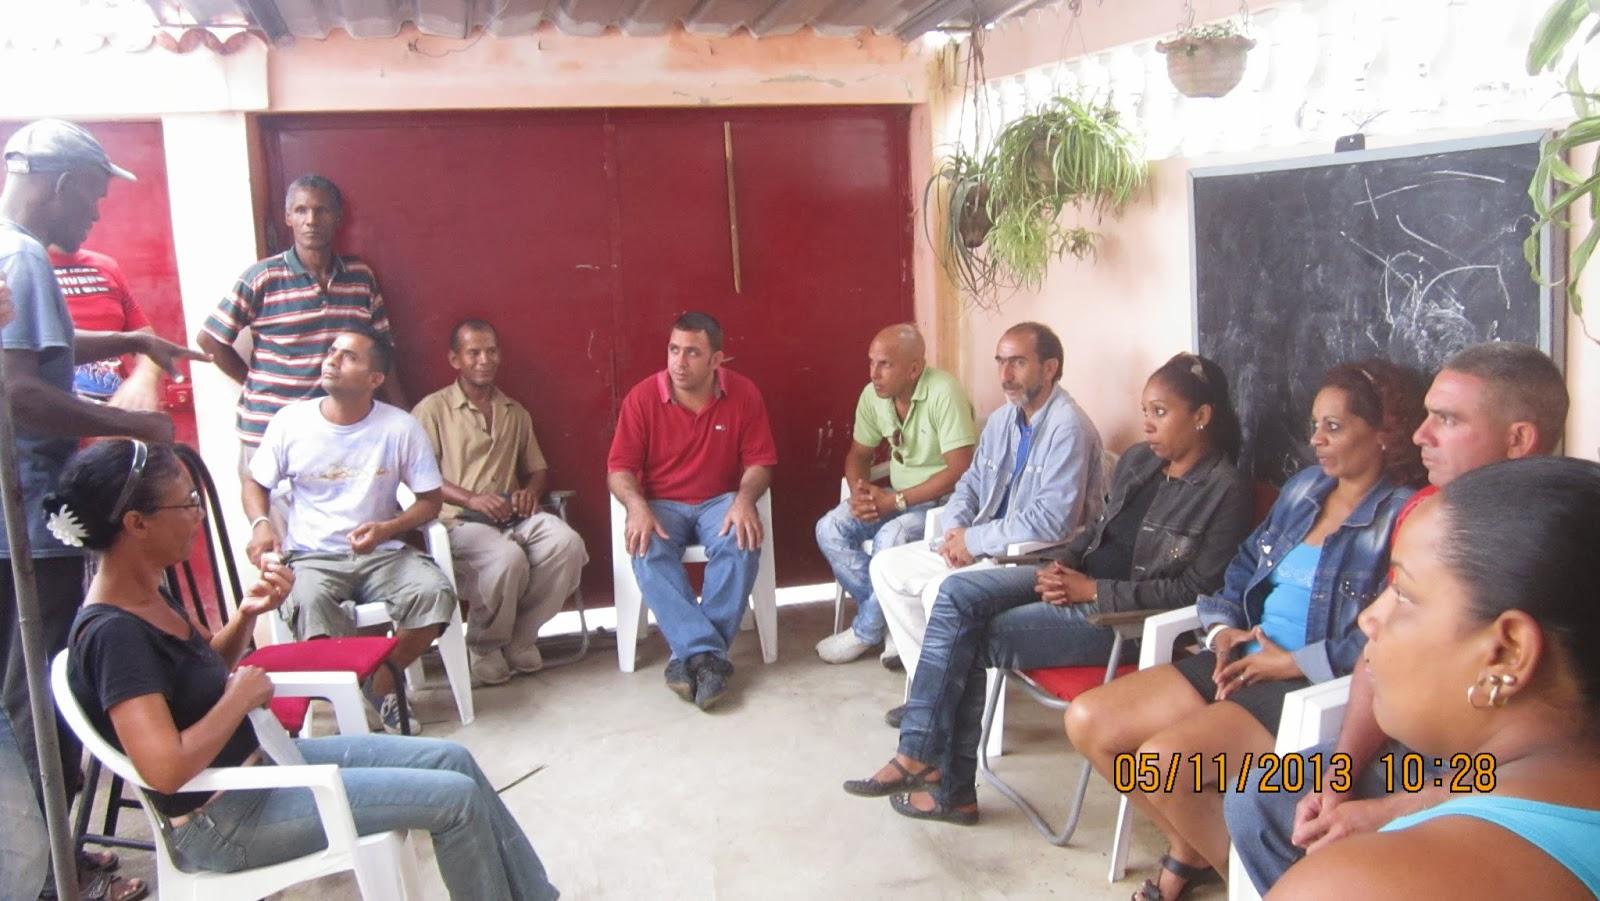 jorge rodriguez larena: